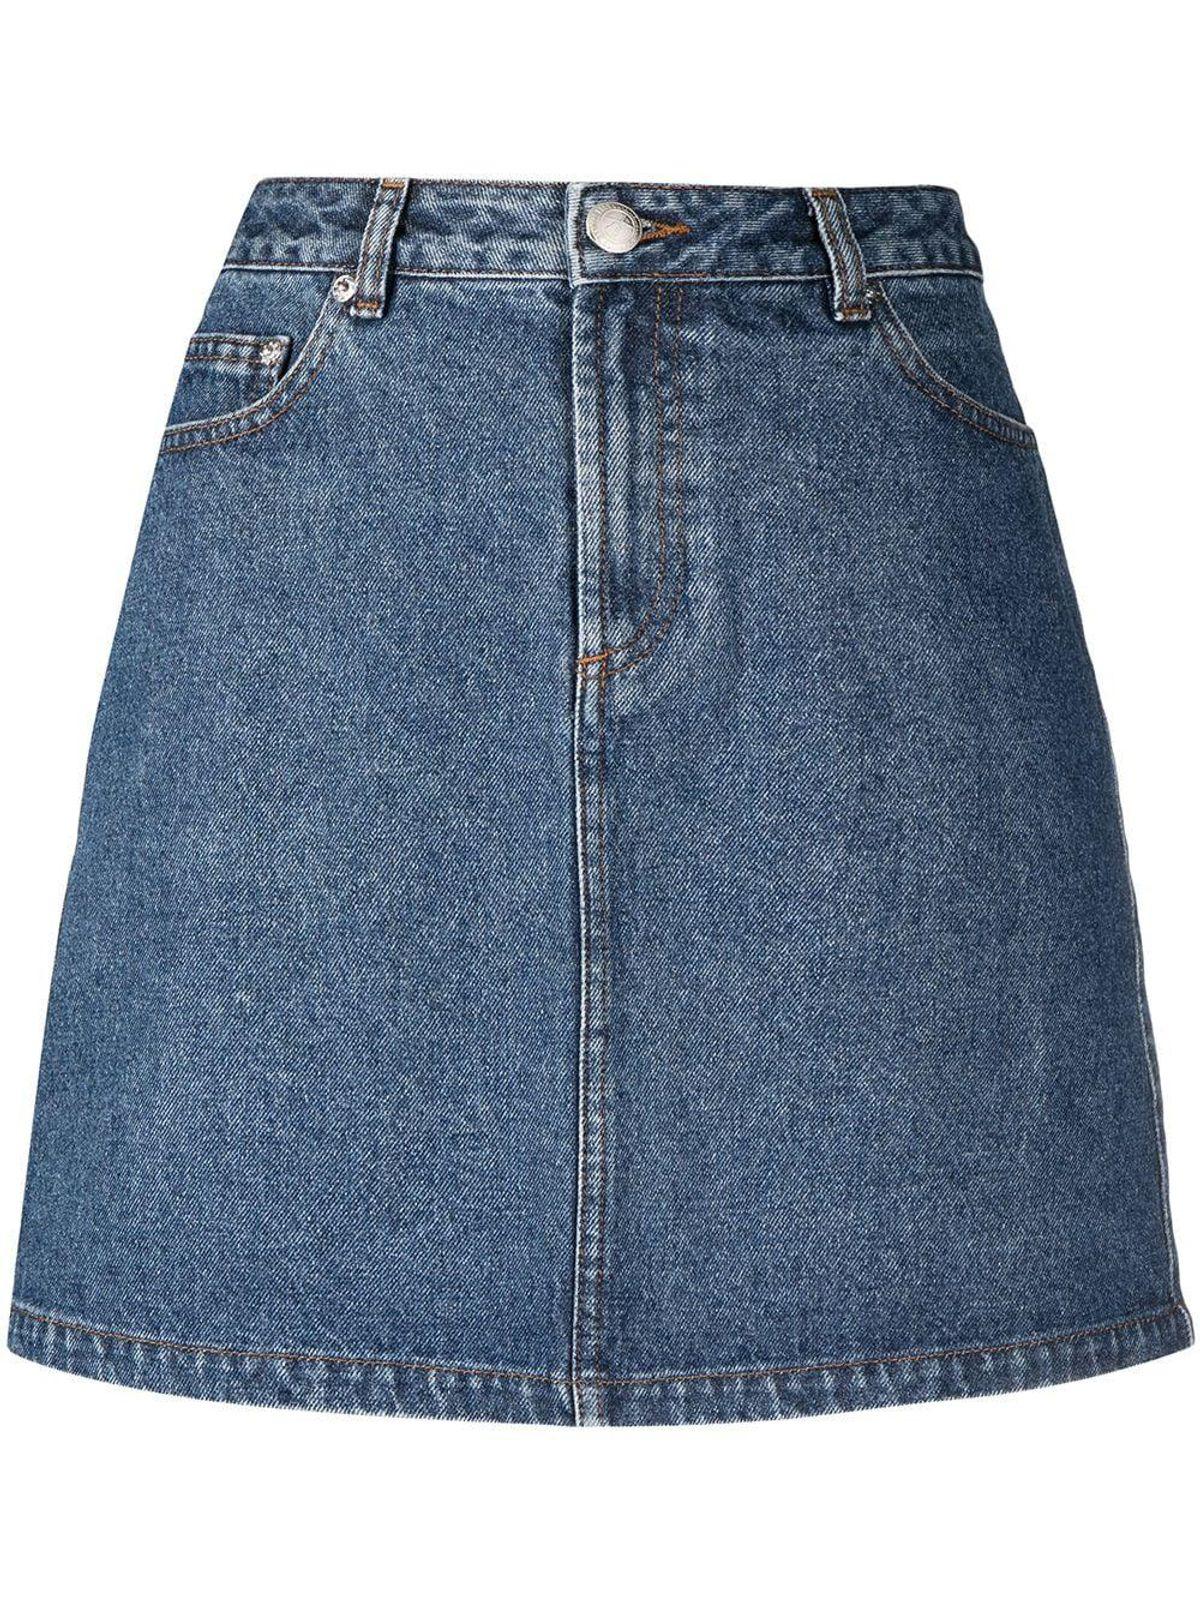 A-Line Cotton Denim Skirt